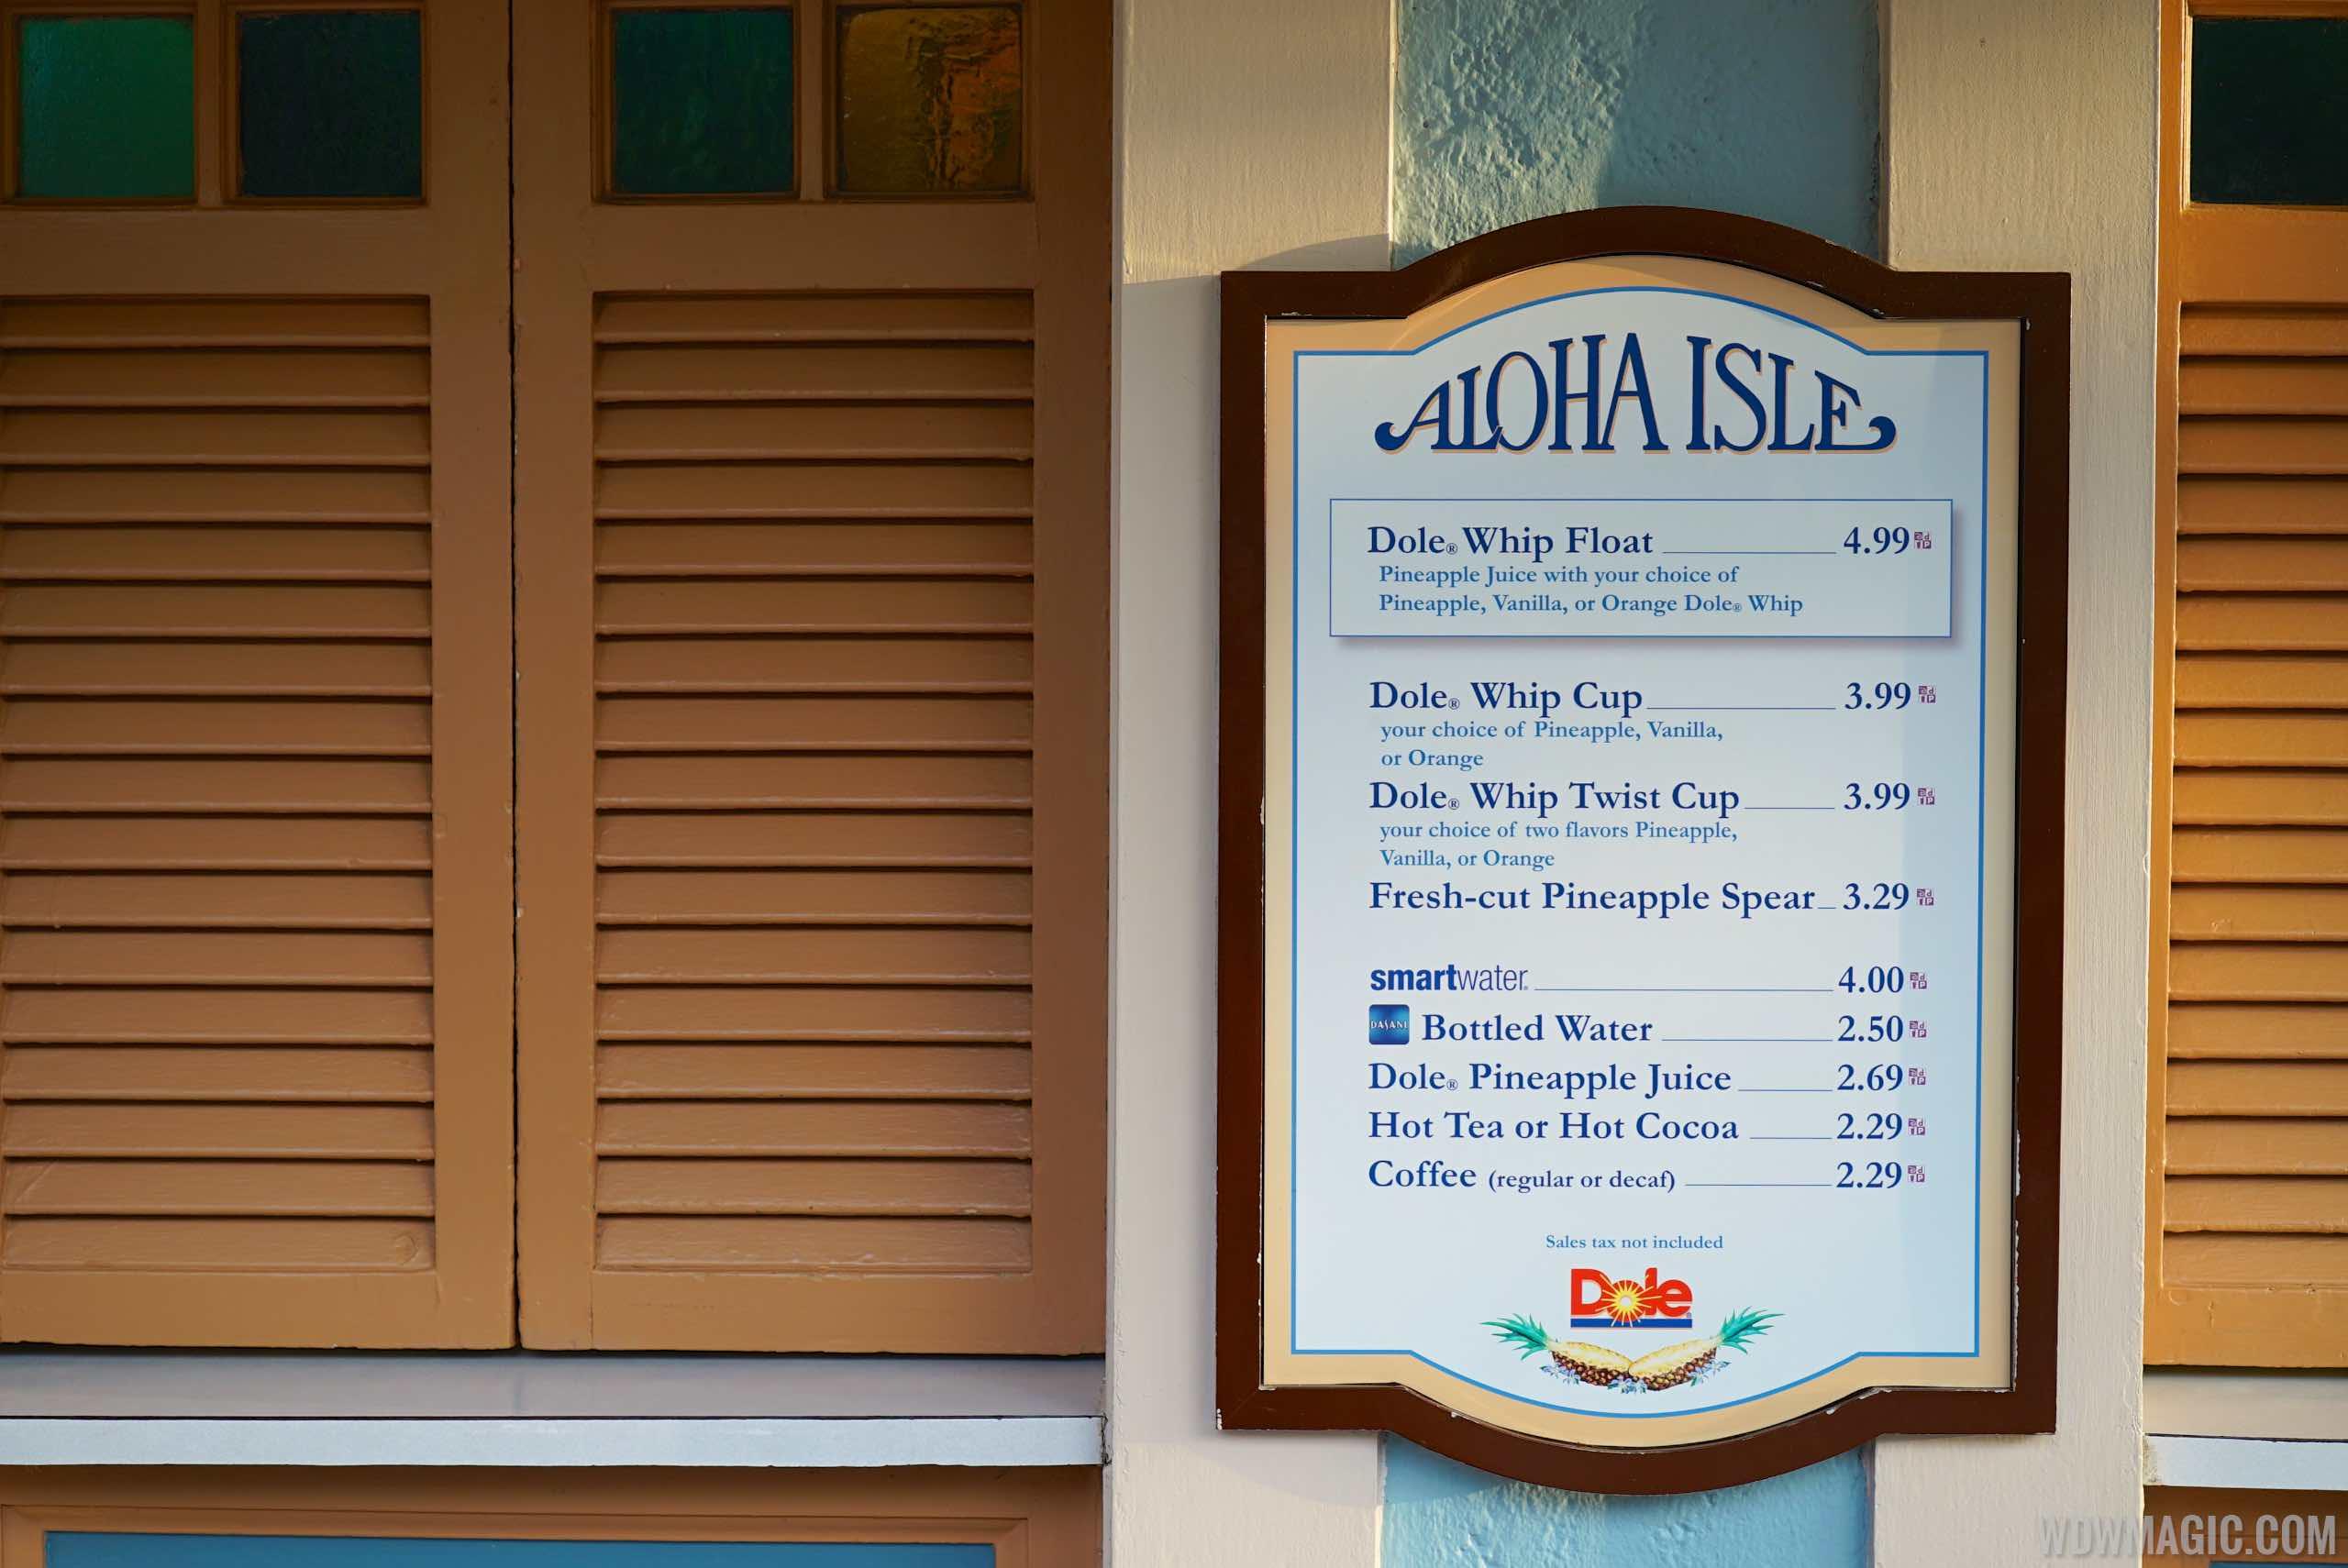 Aloha Isle overview